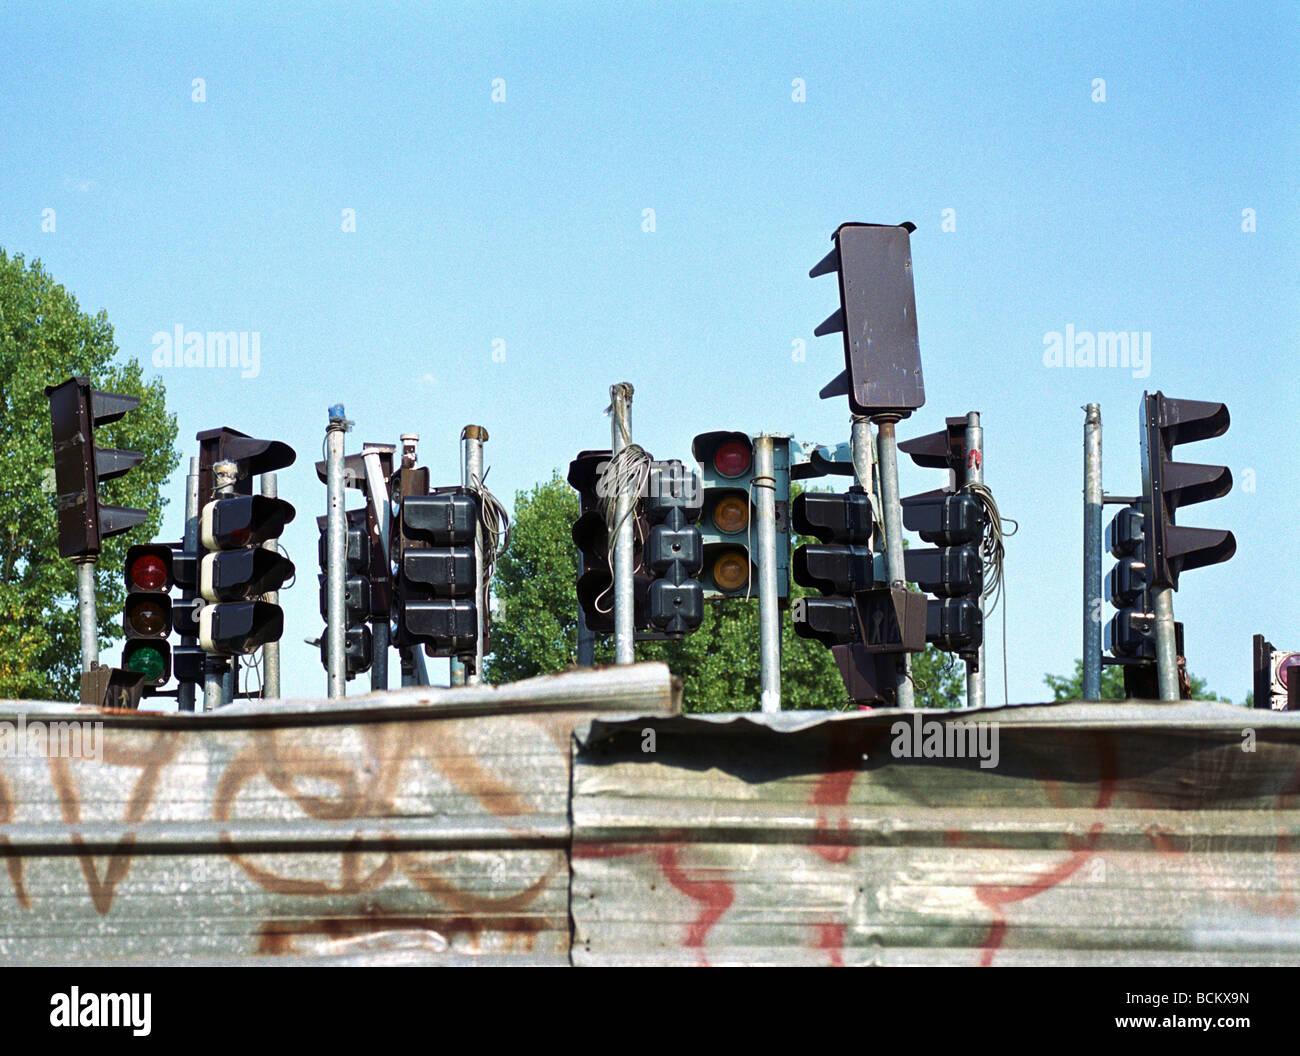 Group of stoplights behind metal enclosure - Stock Image